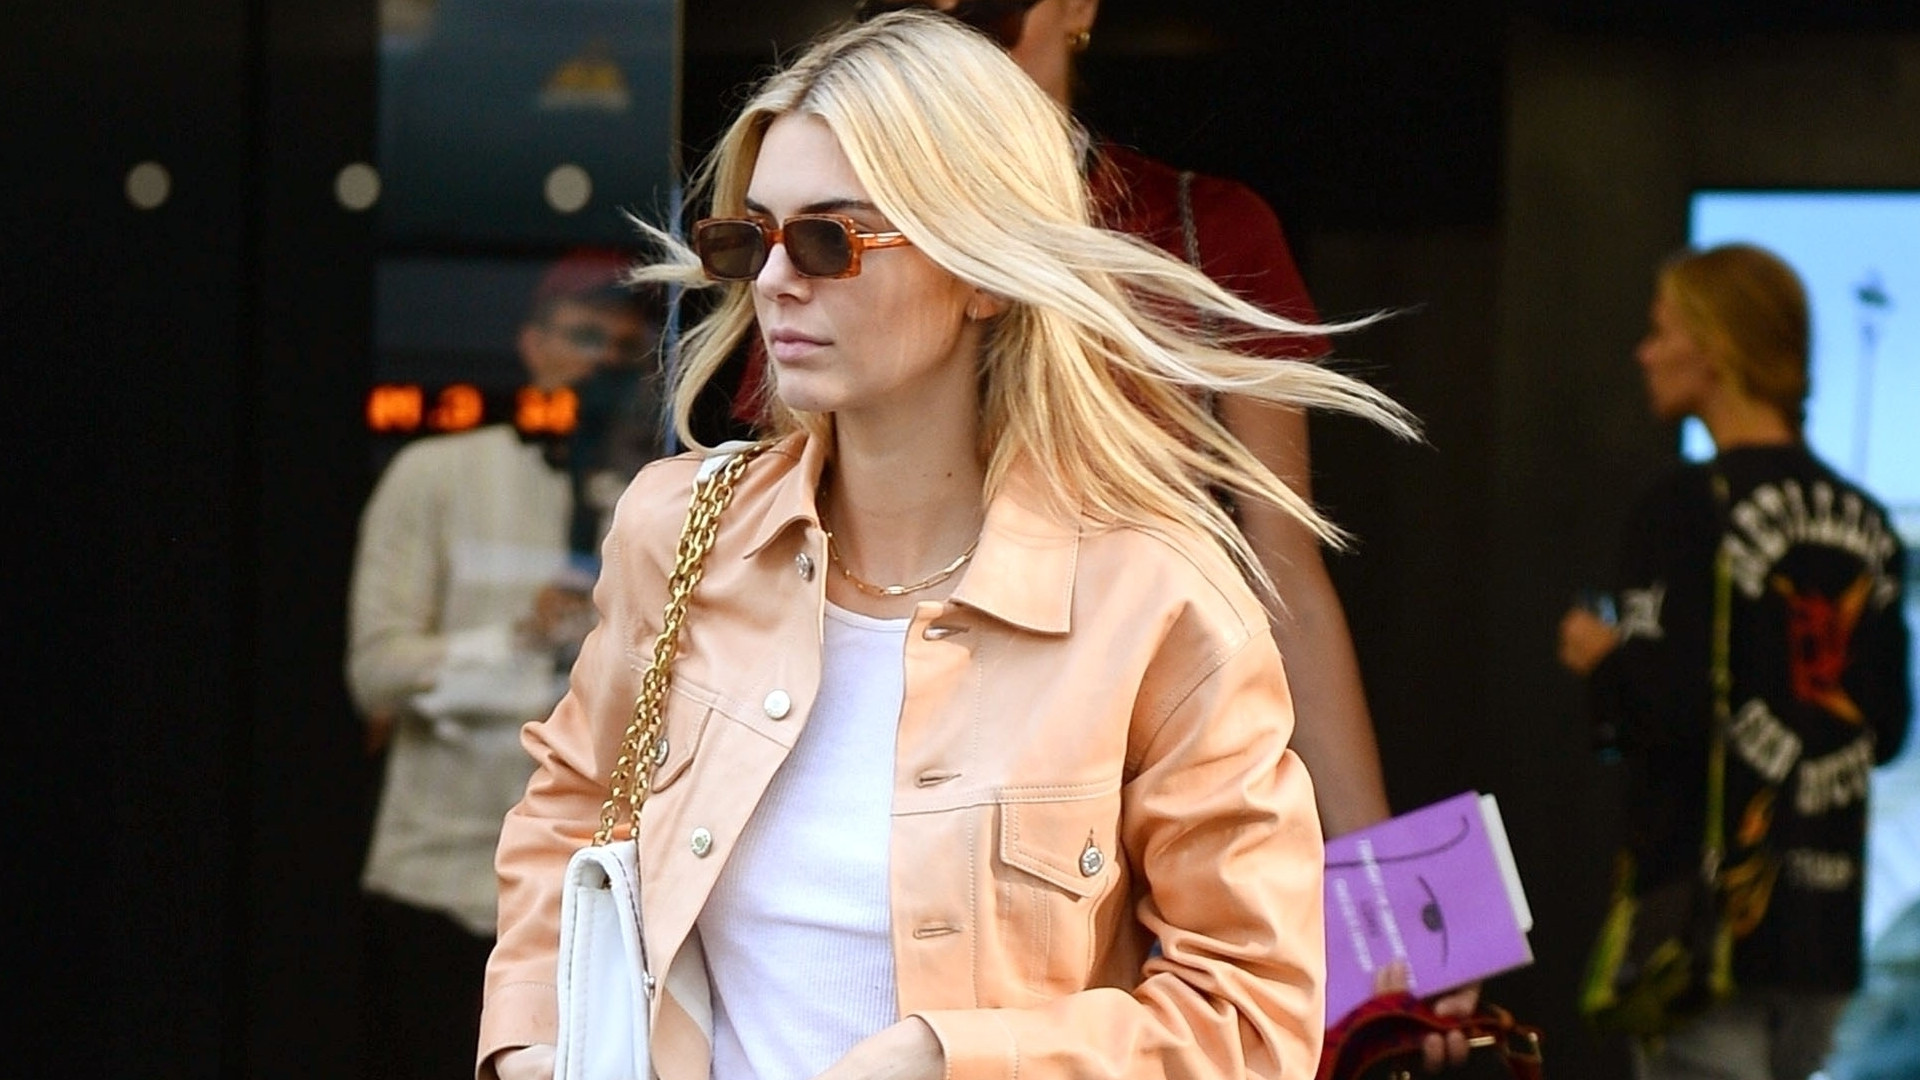 Prosta stylówka Kendall Jenner – idealny look na miasto (ZDJĘCIA)